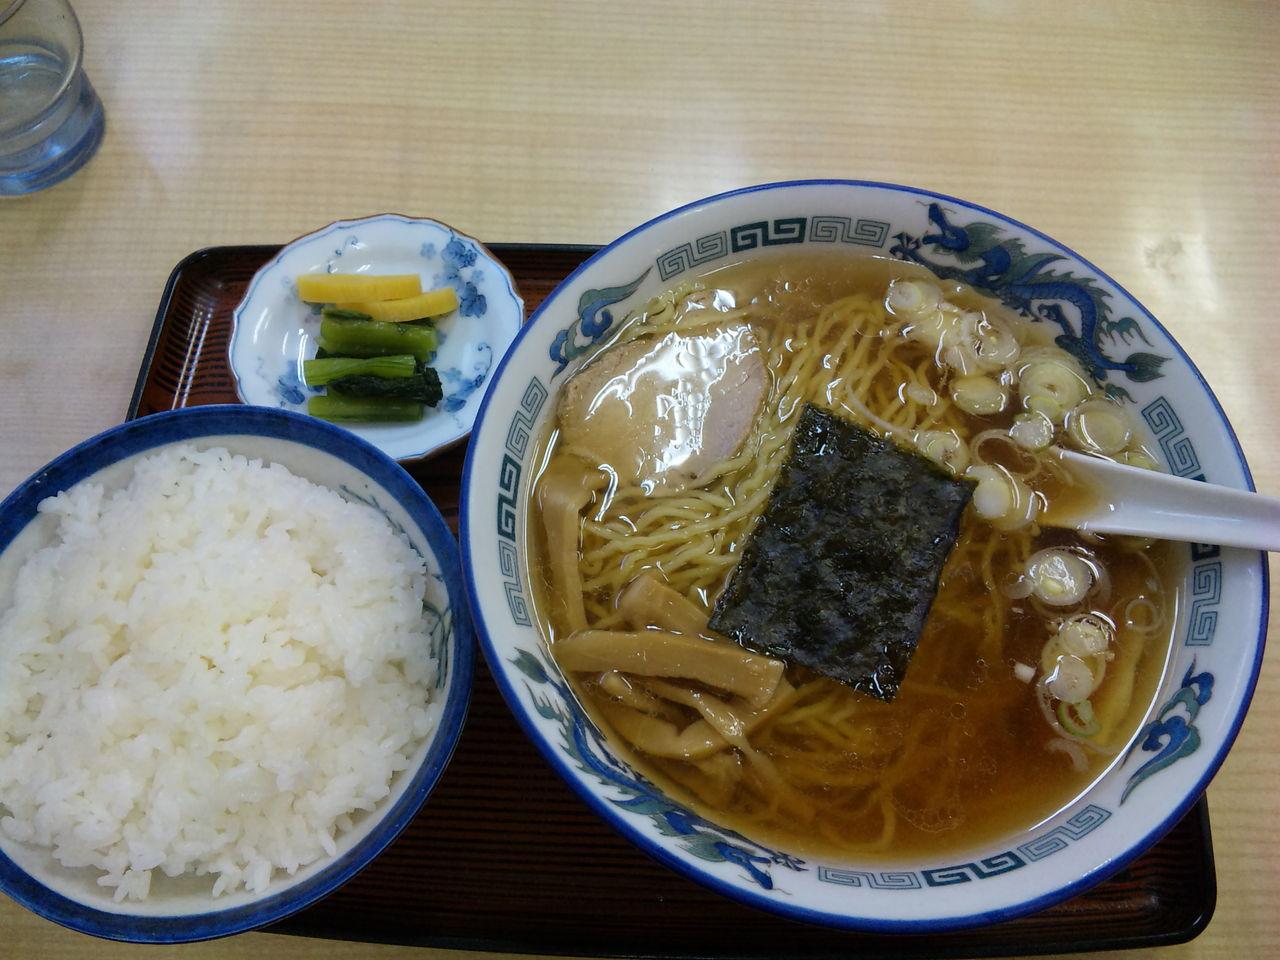 【話題】昼食に「麺+ご飯もの」のセットを食べてはいけない理由